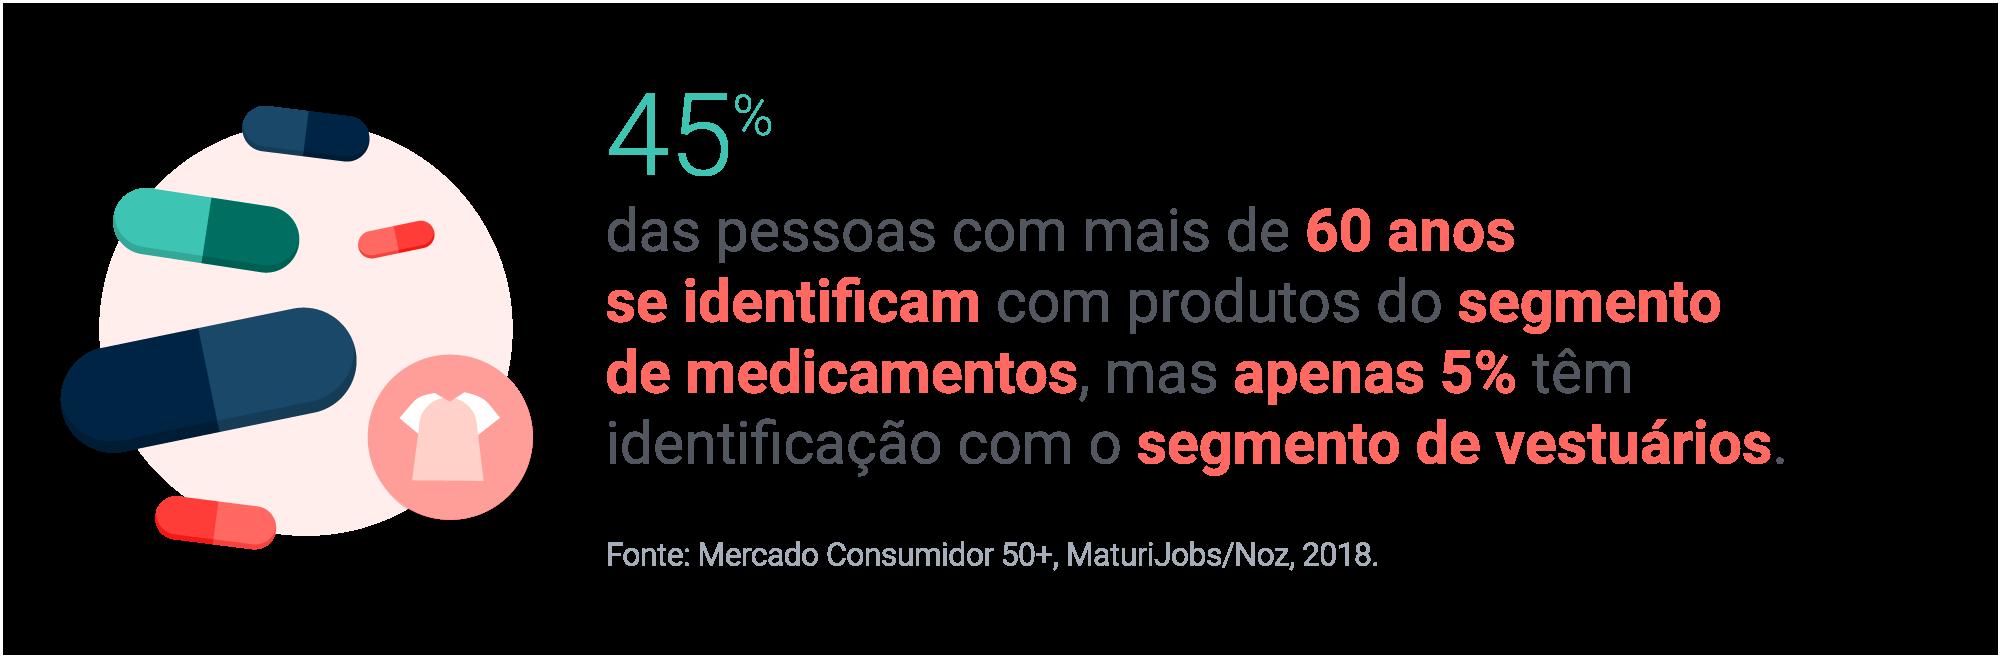 45% das pessoas com mais de 60 anos se identificam com produtos do segmento de medicamentos, mas apenas 5% têm identificação com o segmento de vestuários. Fonte: Mercado Consumidor 50+, MaturiJobs/Noz, 2018.